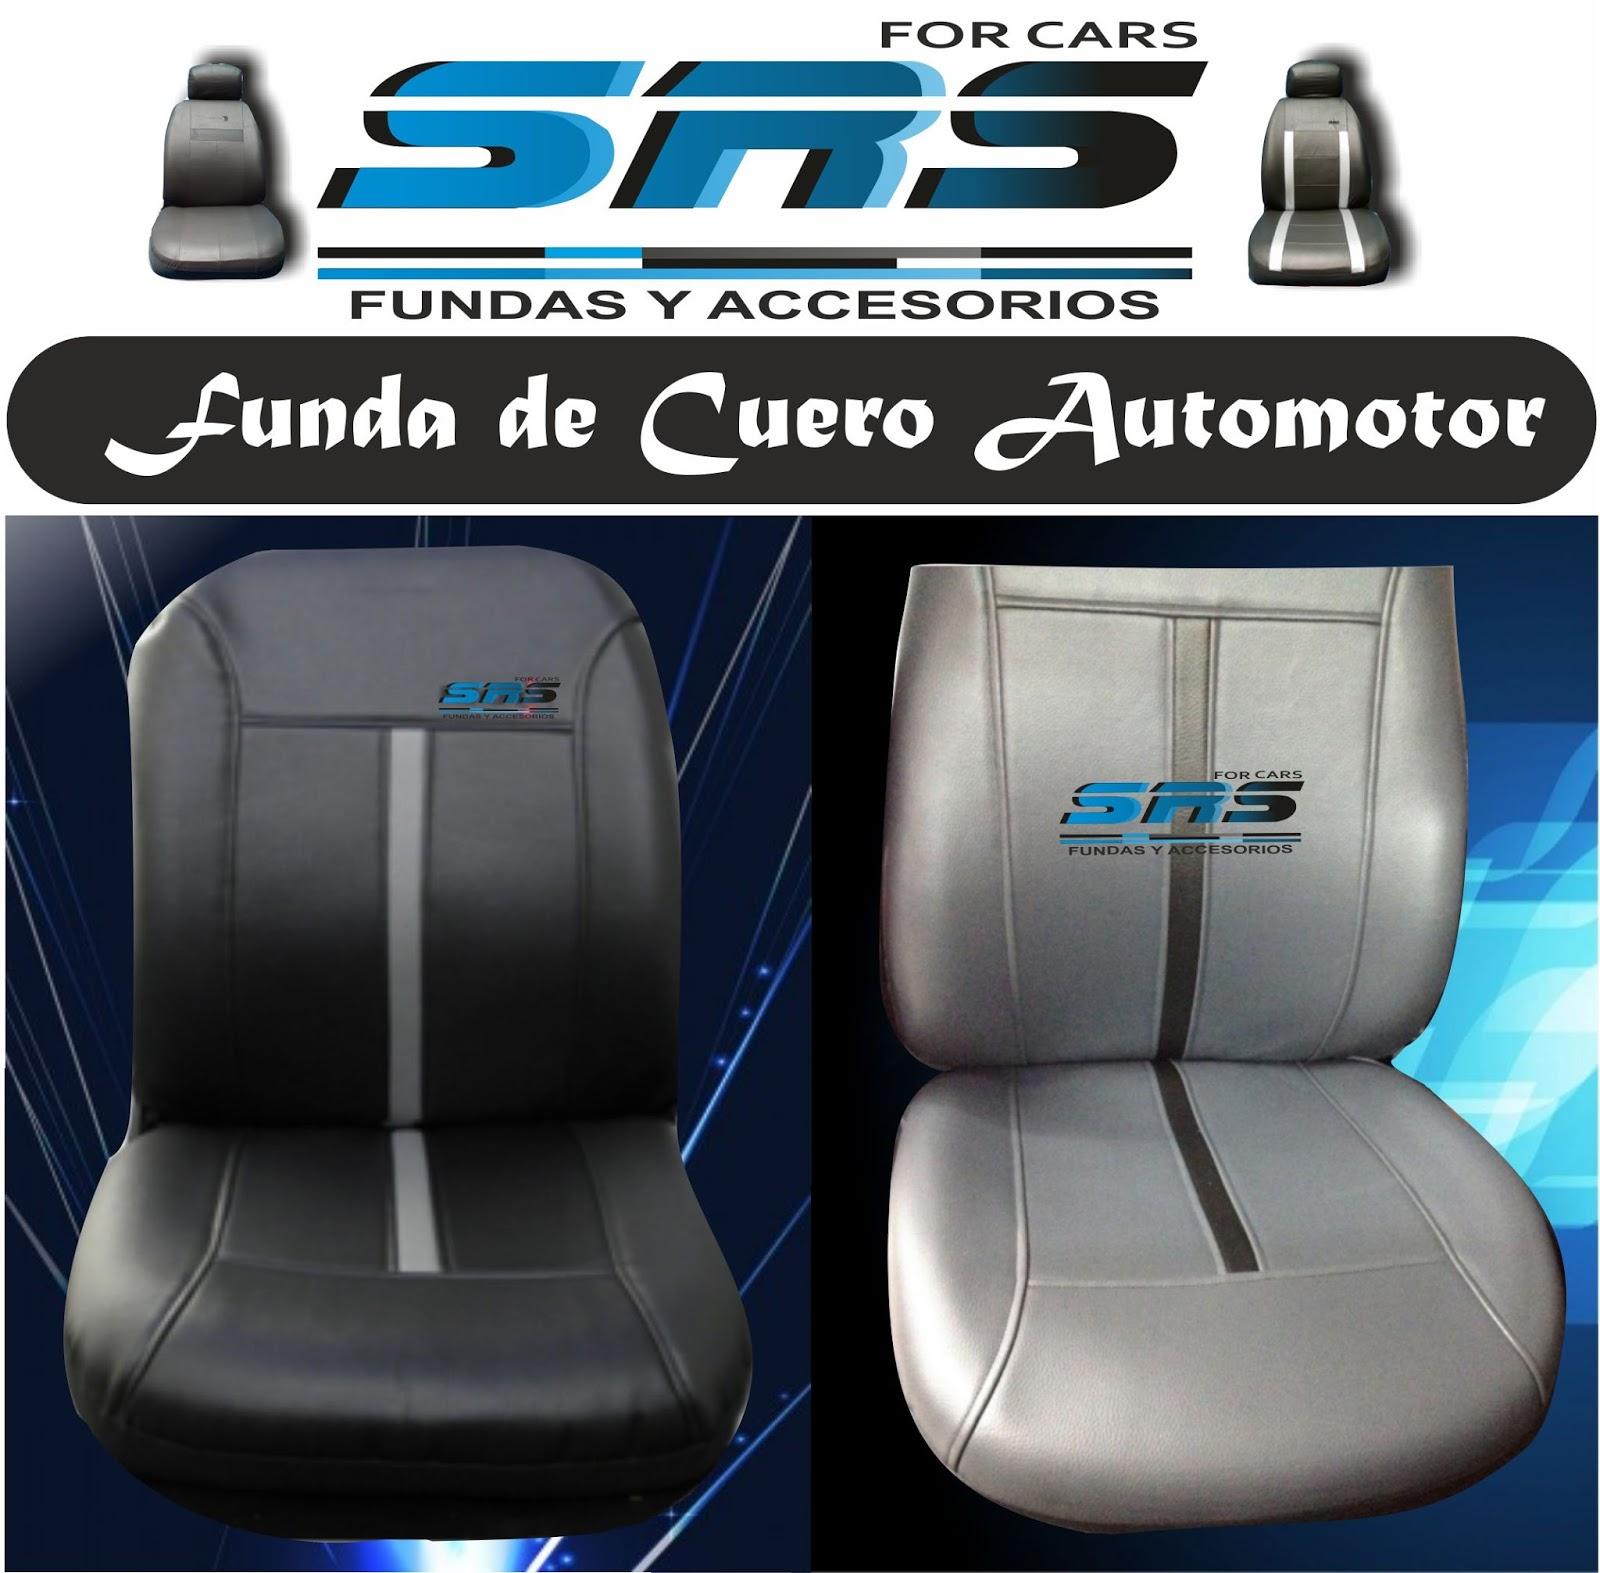 Tel 113195 1244 Fundas De Cuero Automotor